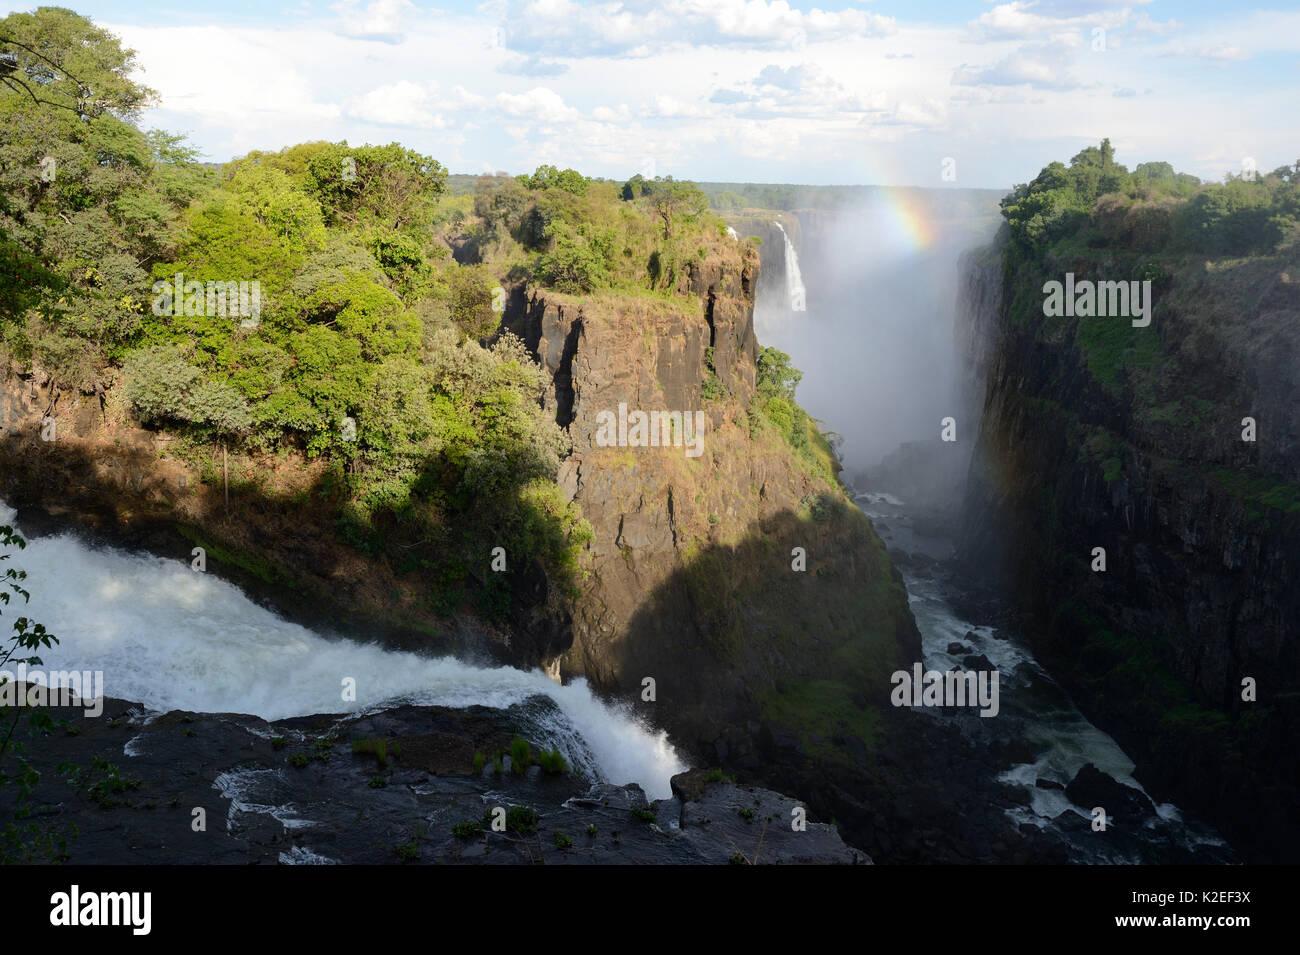 Victoria Falls with mist and rainbow, Zambezi River, Zimbabwe - Stock Image